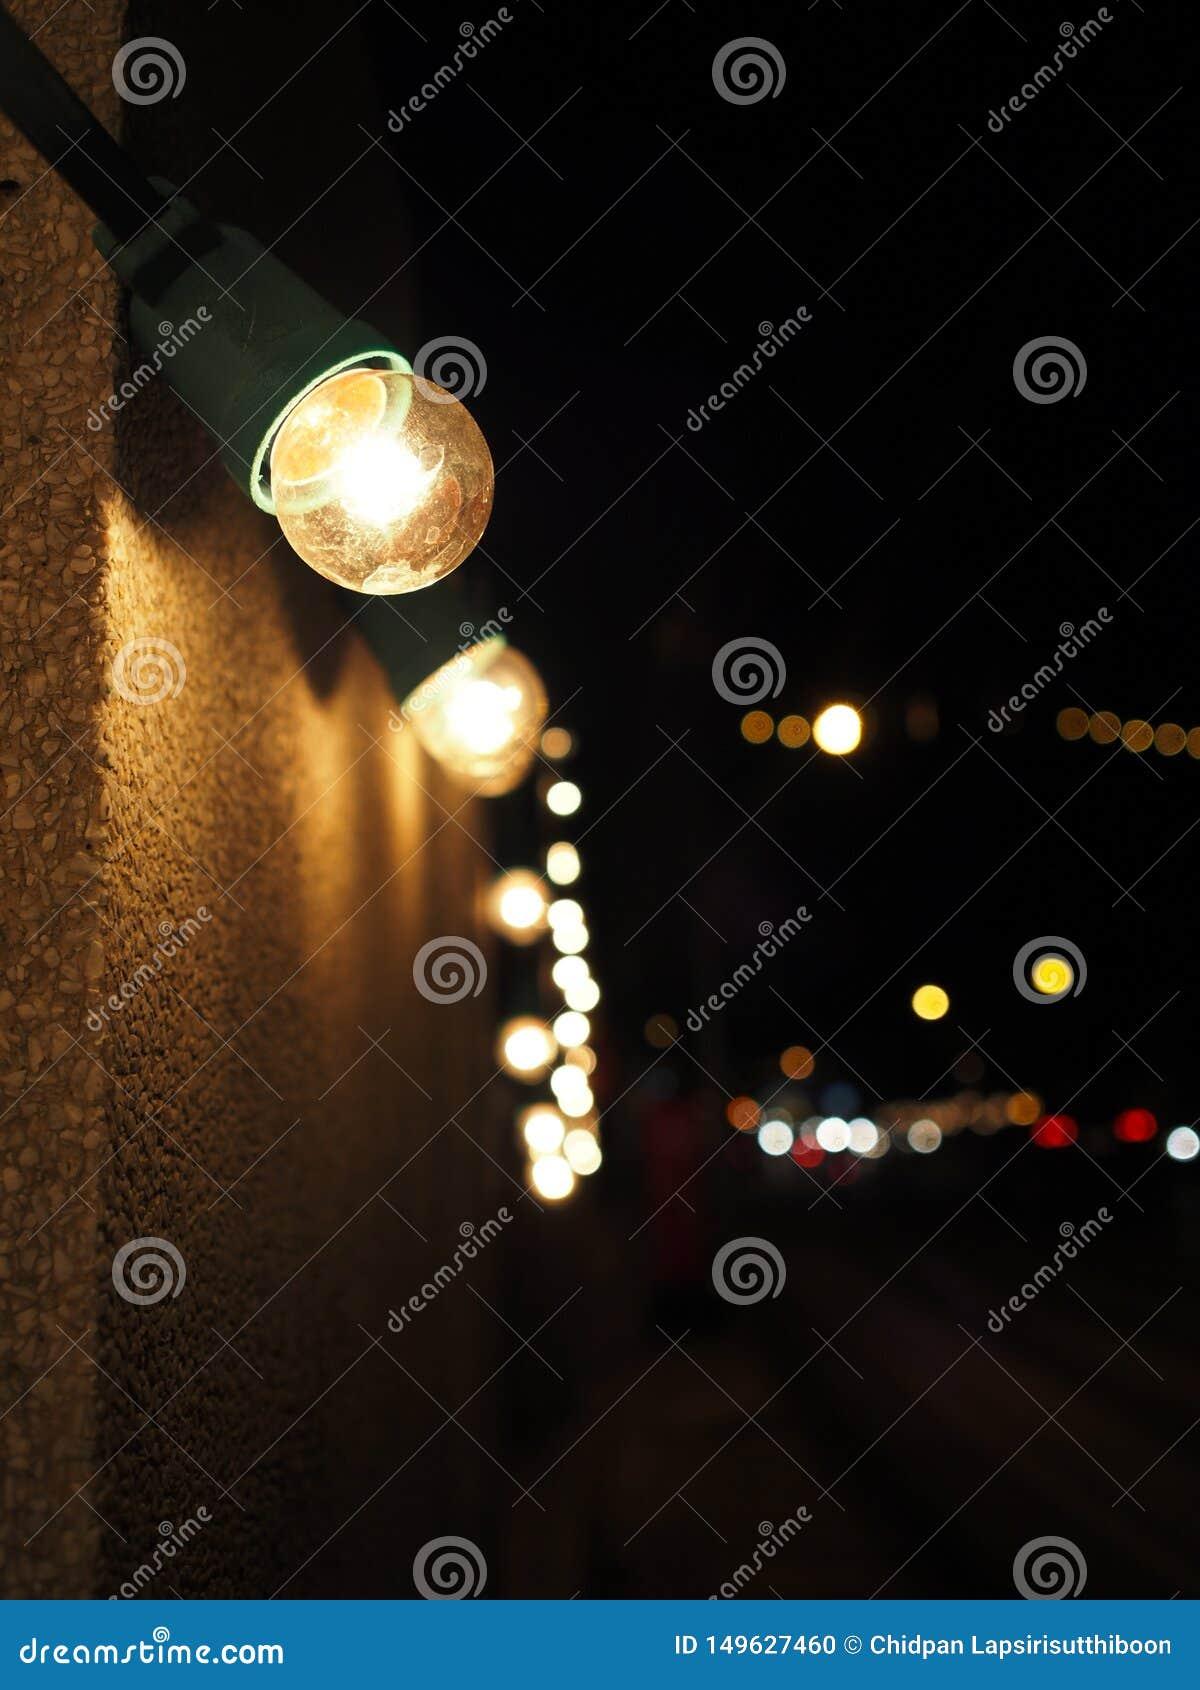 Peque?os bulbos de la luz ?mbar adornados en las paredes p?blicas